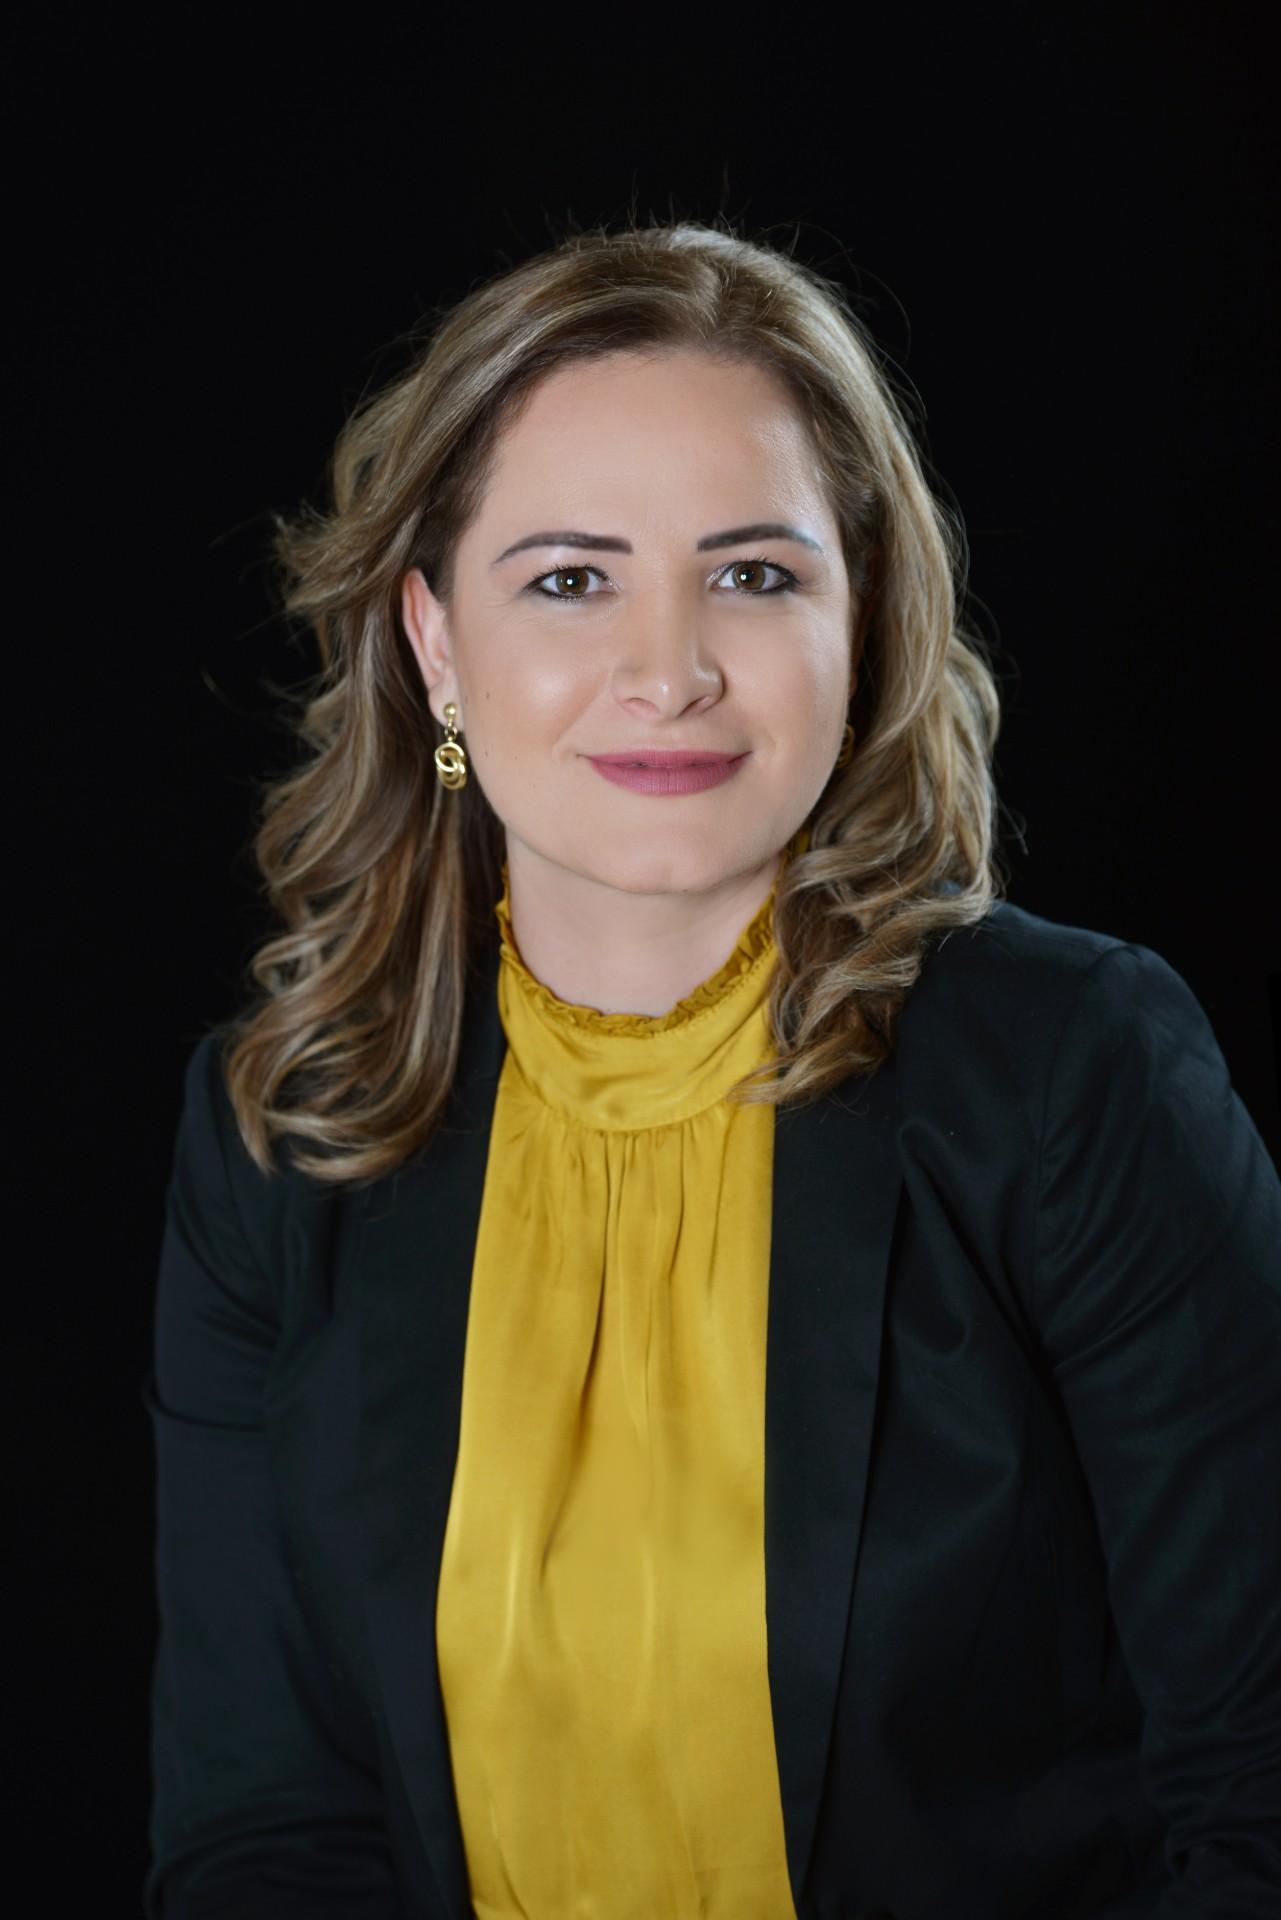 Elda Paja's photo